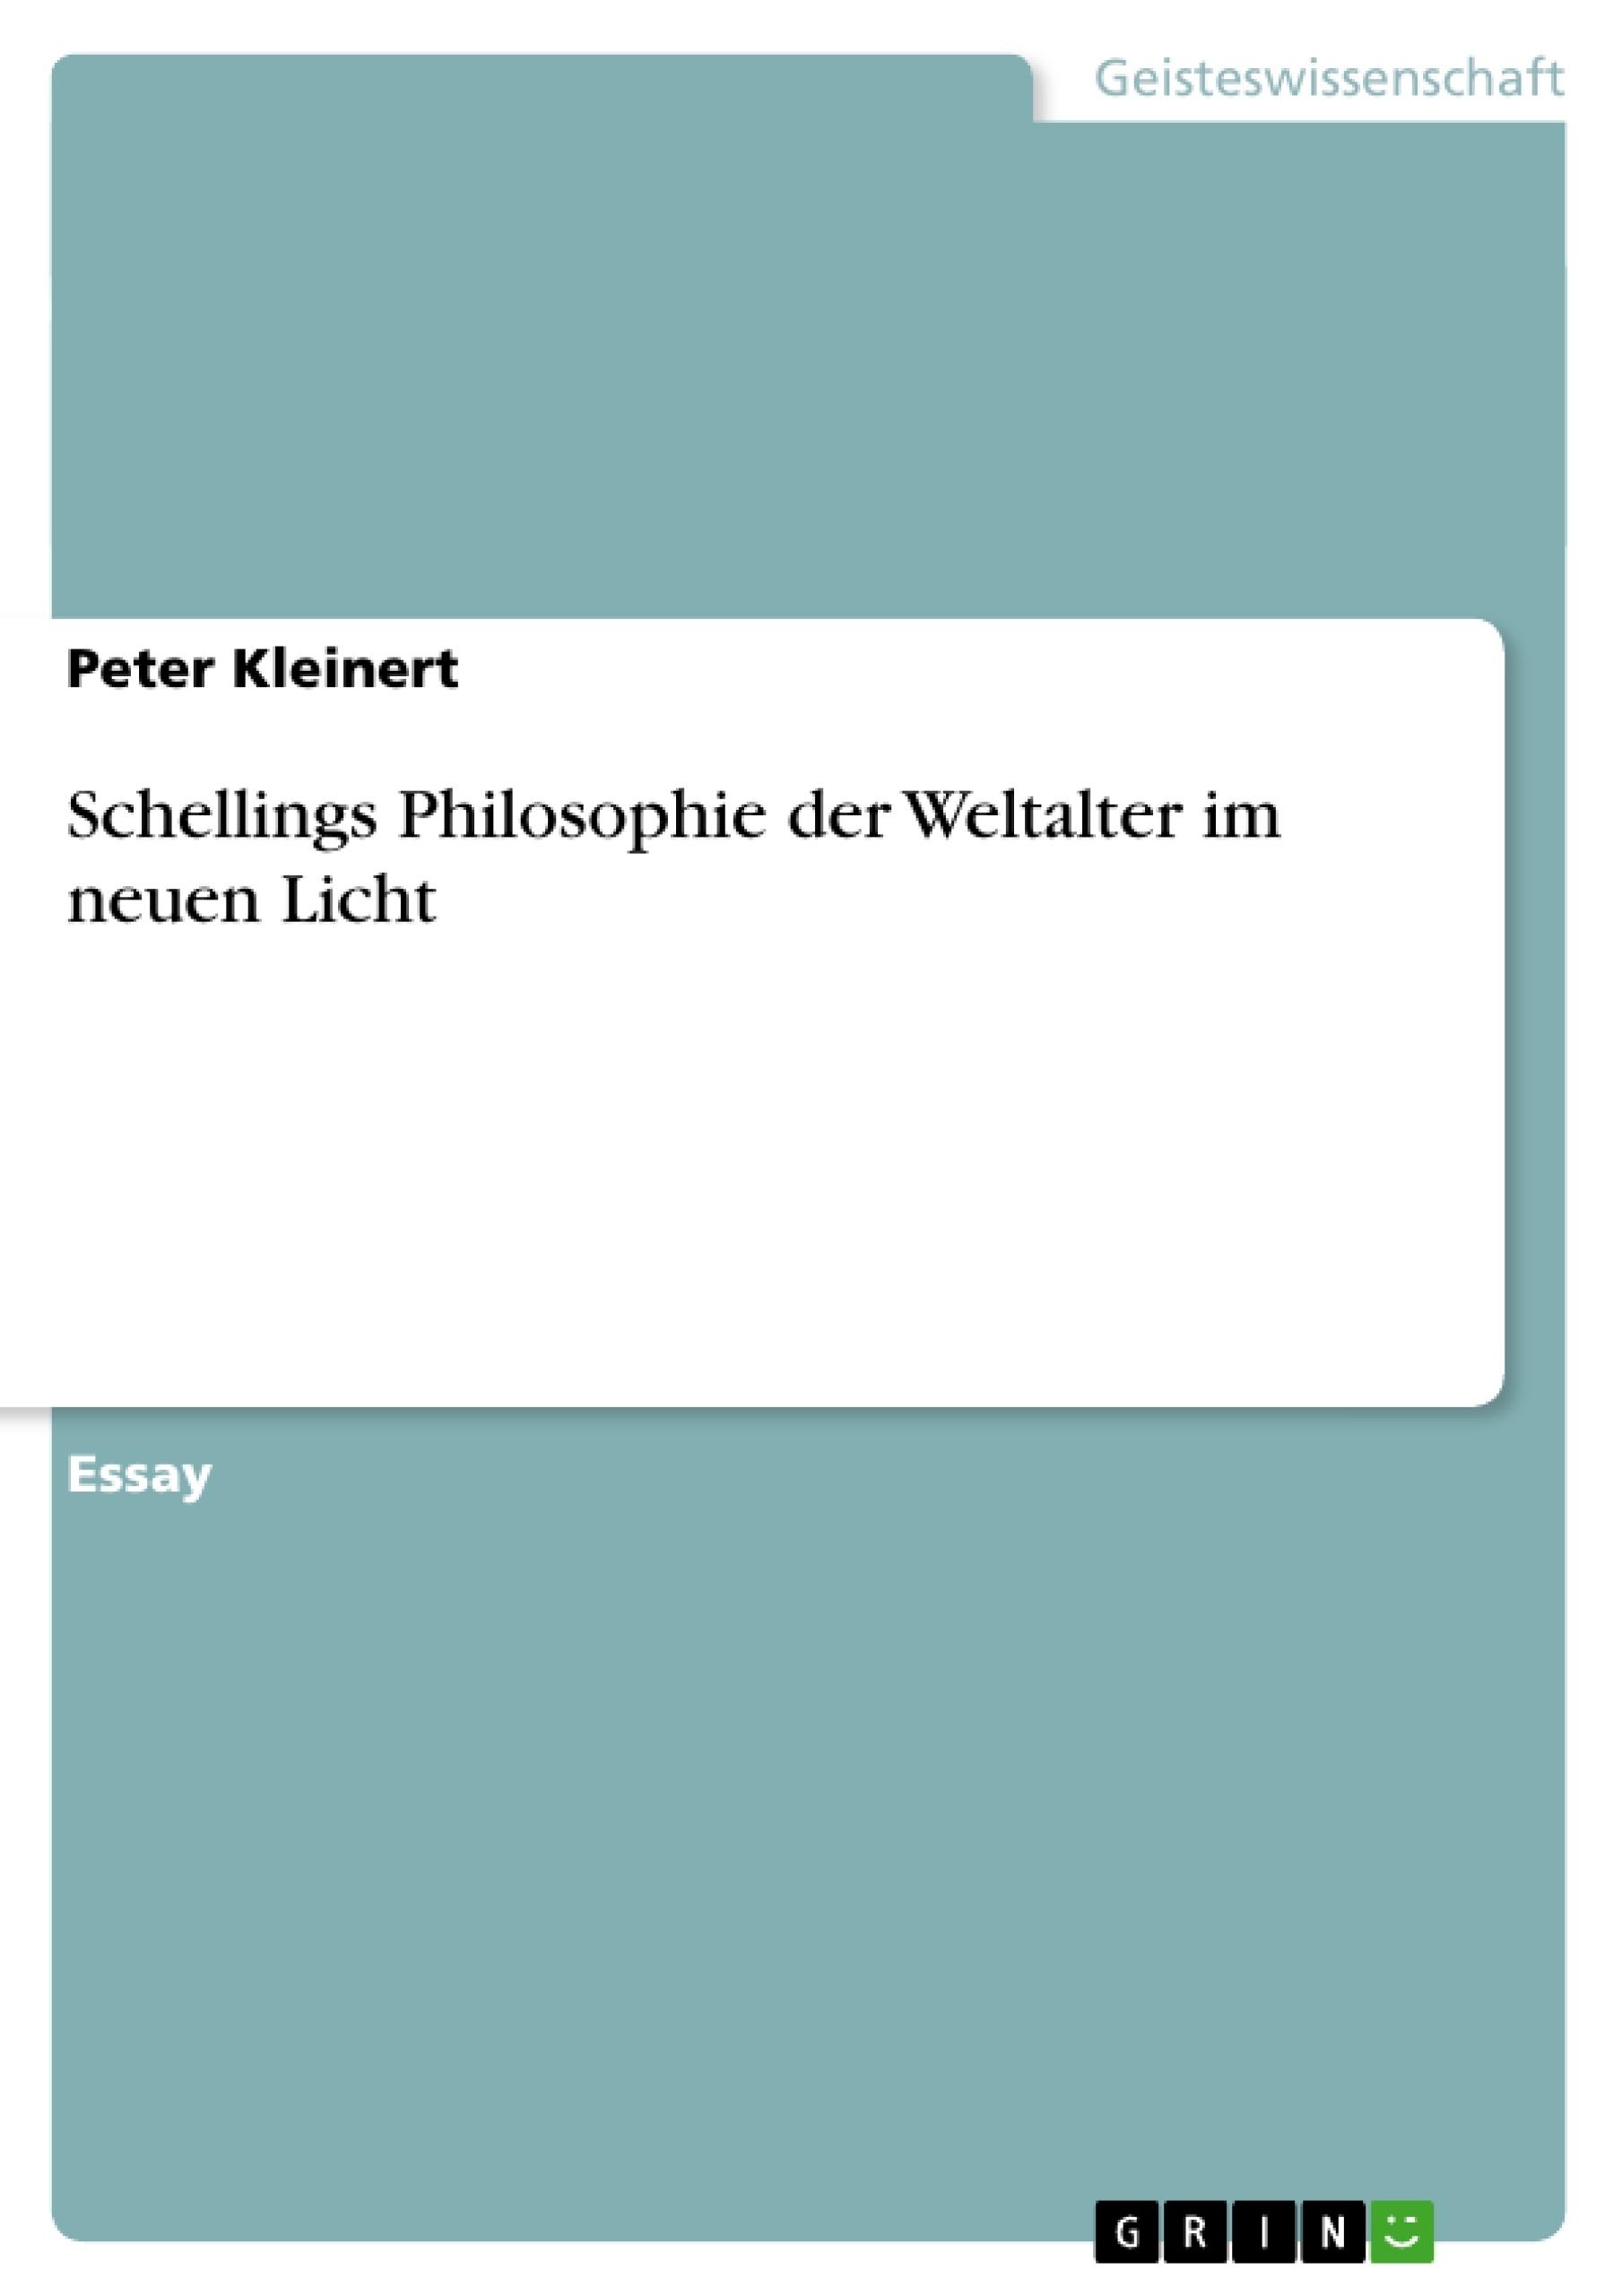 Titel: Schellings Philosophie der Weltalter im neuen Licht